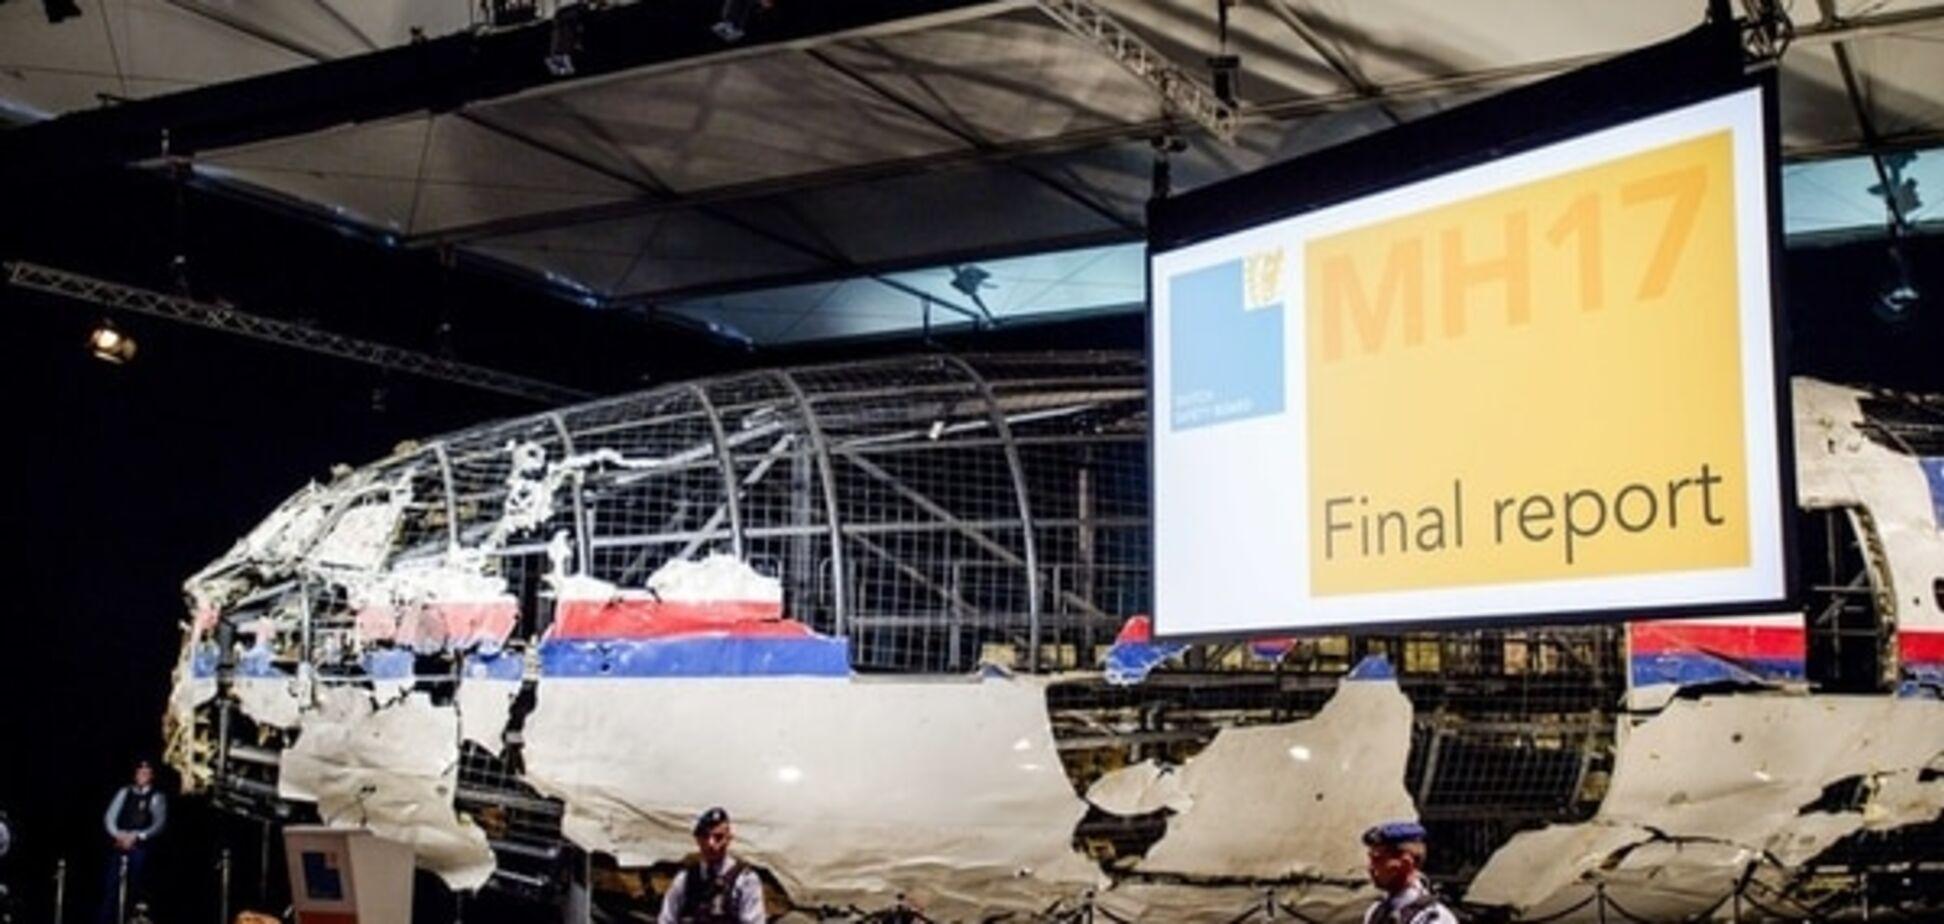 Звіт про Boeing-777: літак збили з російського 'Бука' з території 'ДНР'